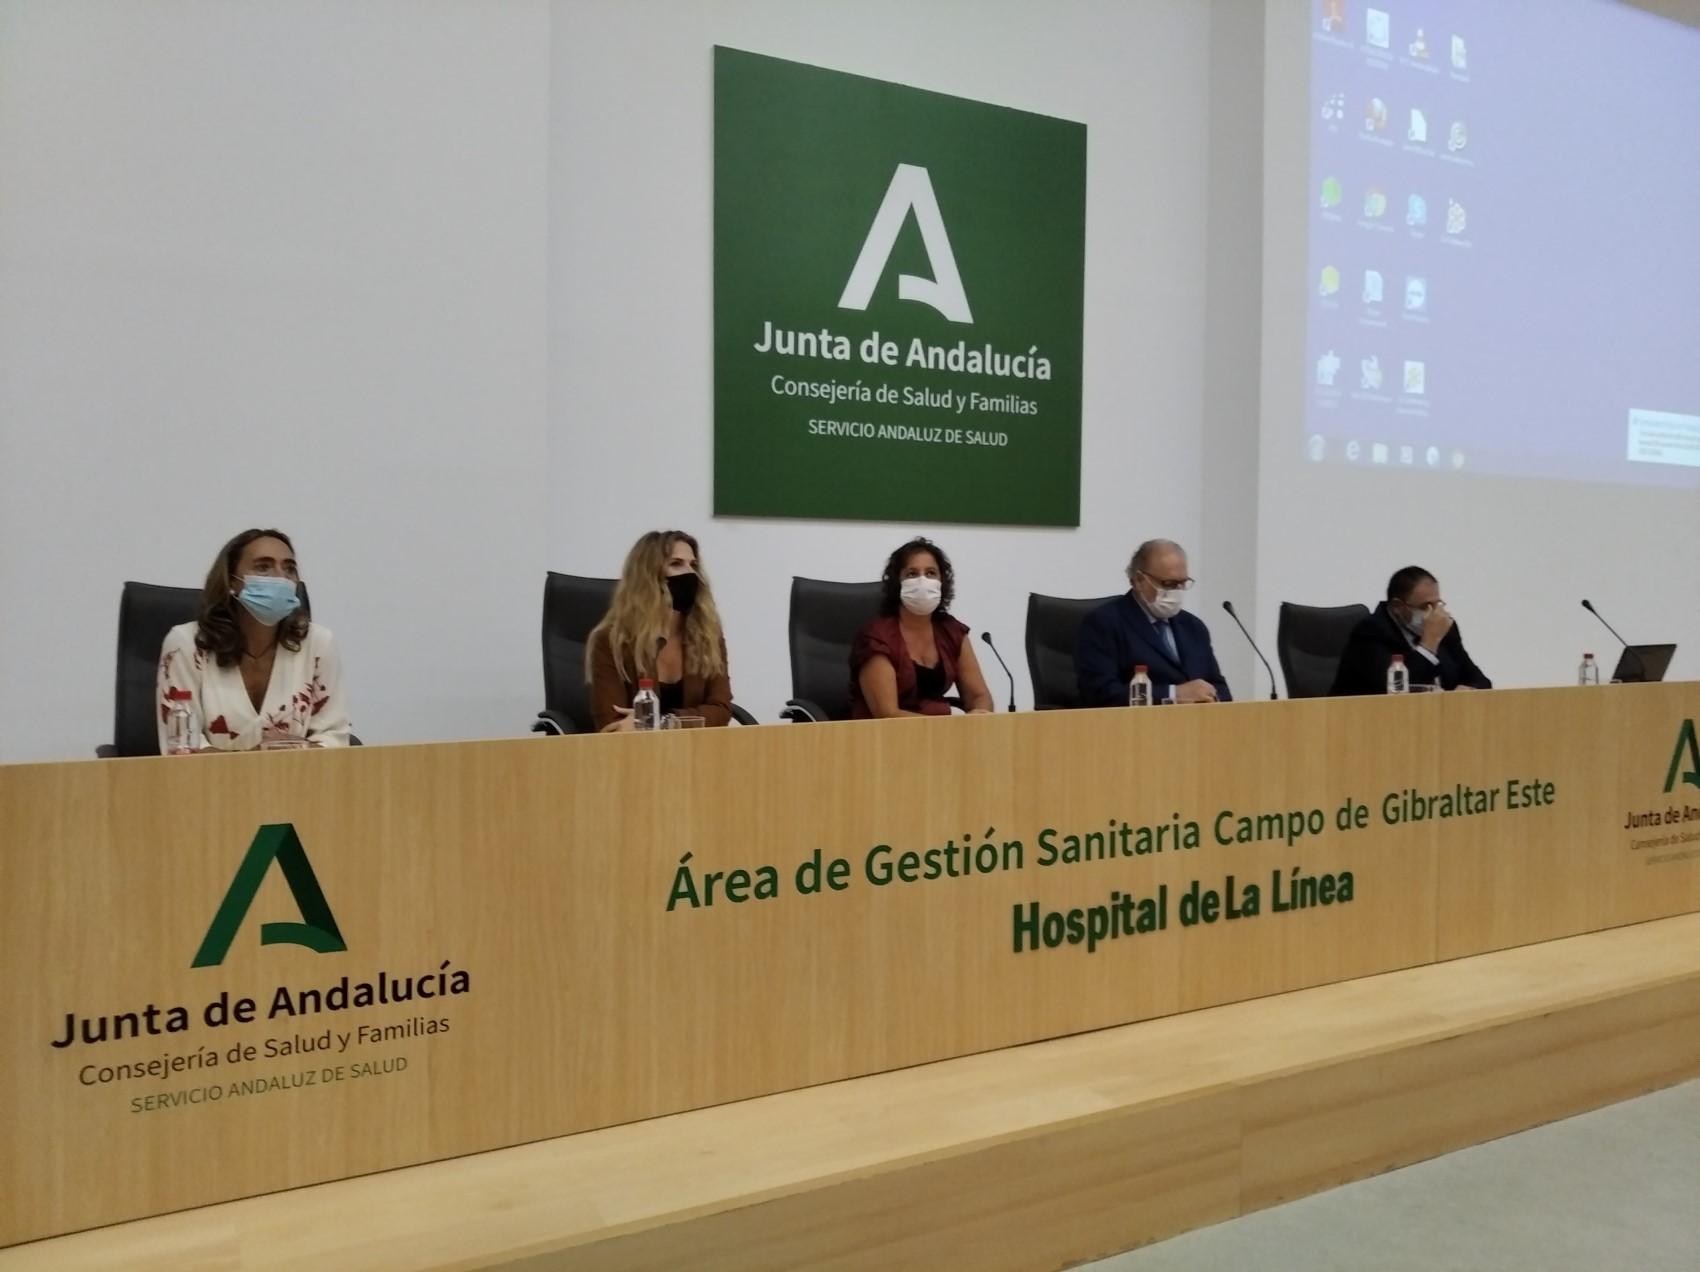 presentacion de la nueva gerente del hospital